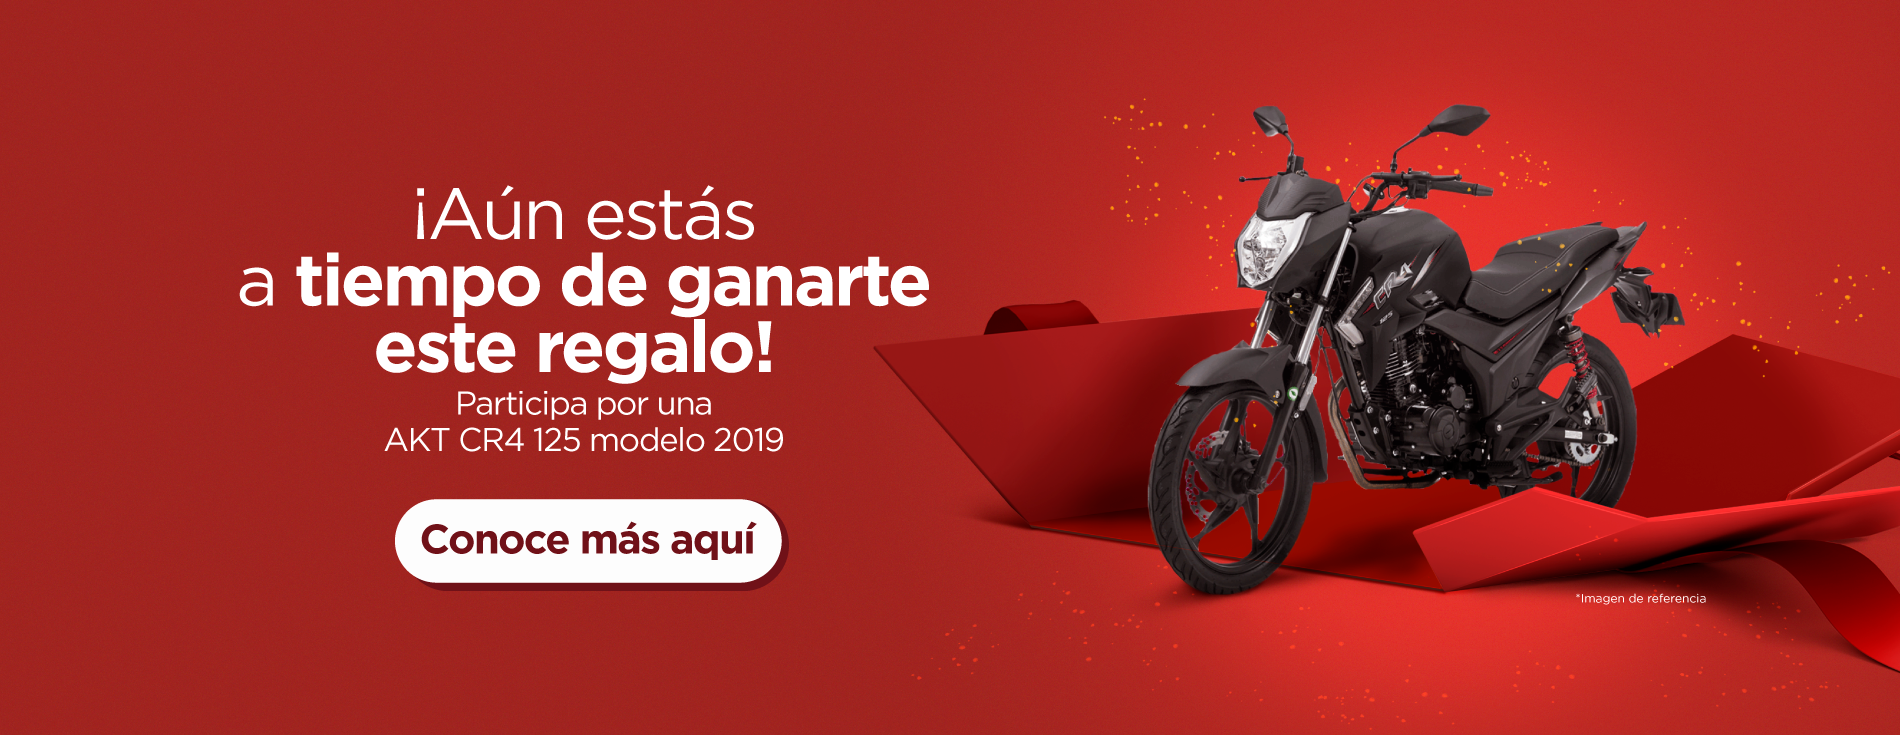 Ventajas de una moto en Bogotá - Fontibón